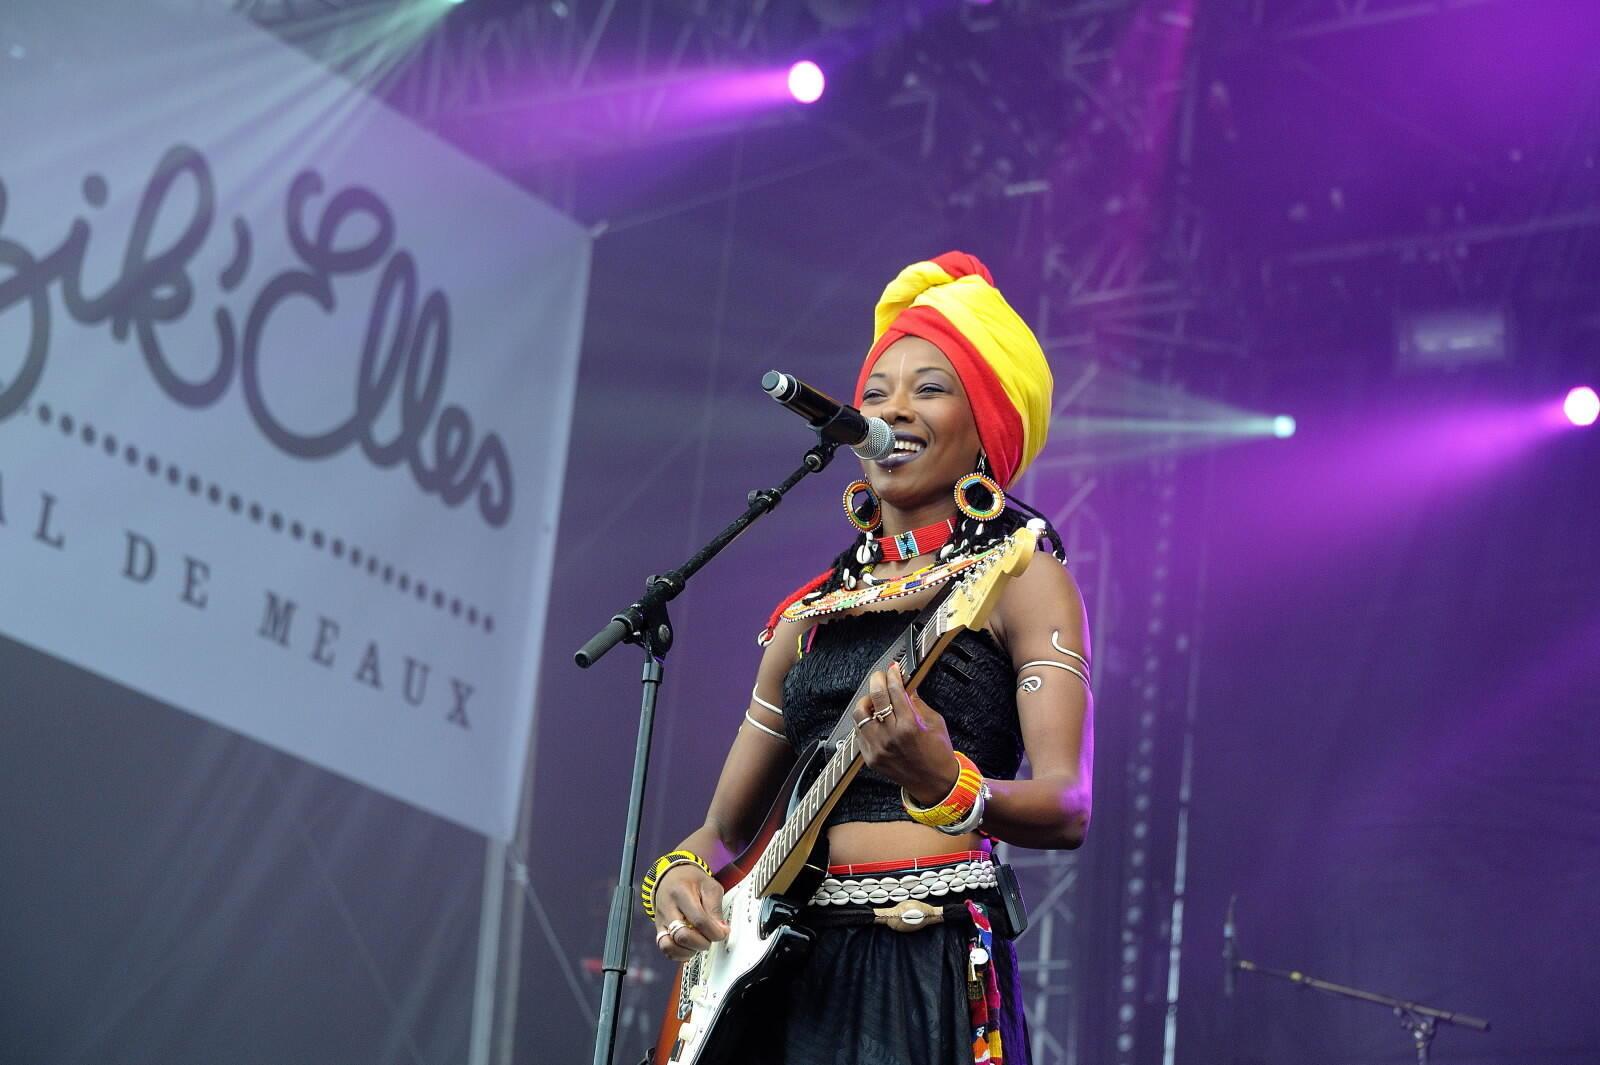 La chanteuse malienne Fatoumata Diawara.